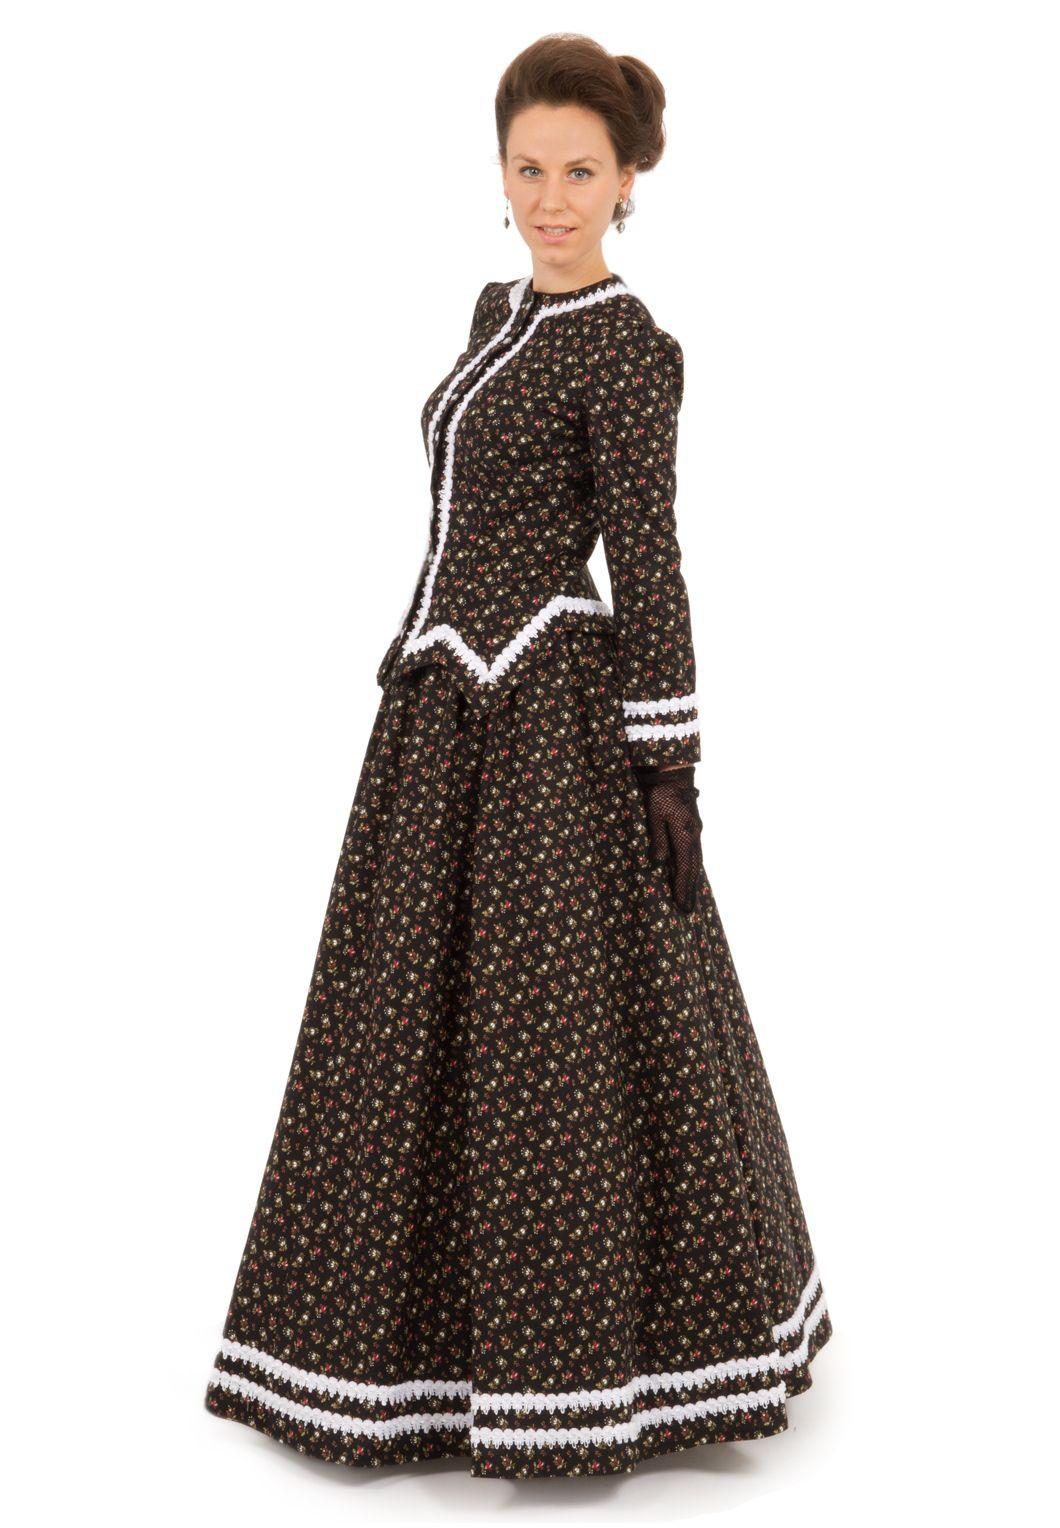 Braid Trimmed Victorian Ensemble Lace Outfit Historical Dresses Shop Casual Dresses [ 1528 x 1060 Pixel ]